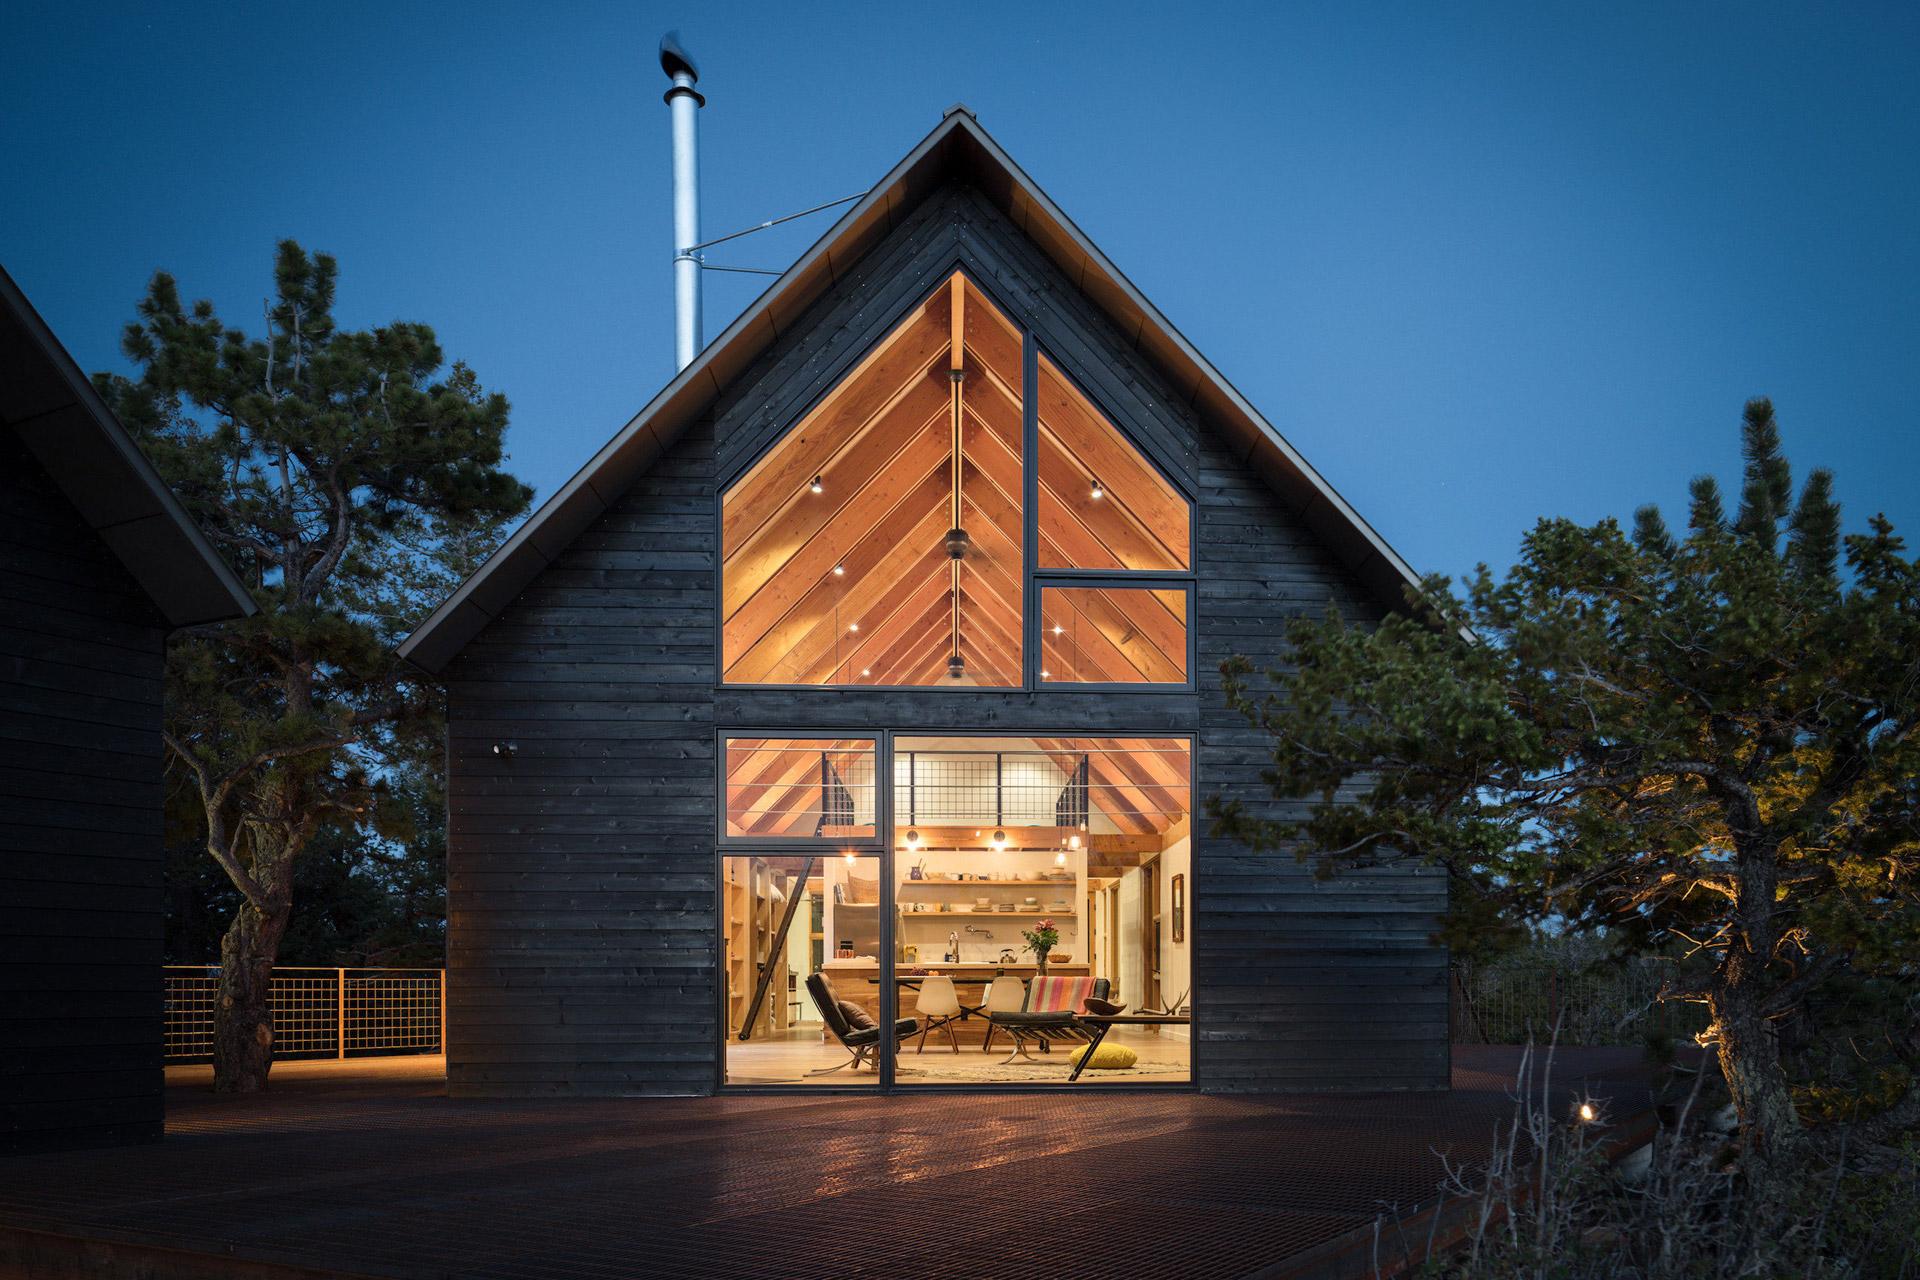 Big Cabin | Little Cabin